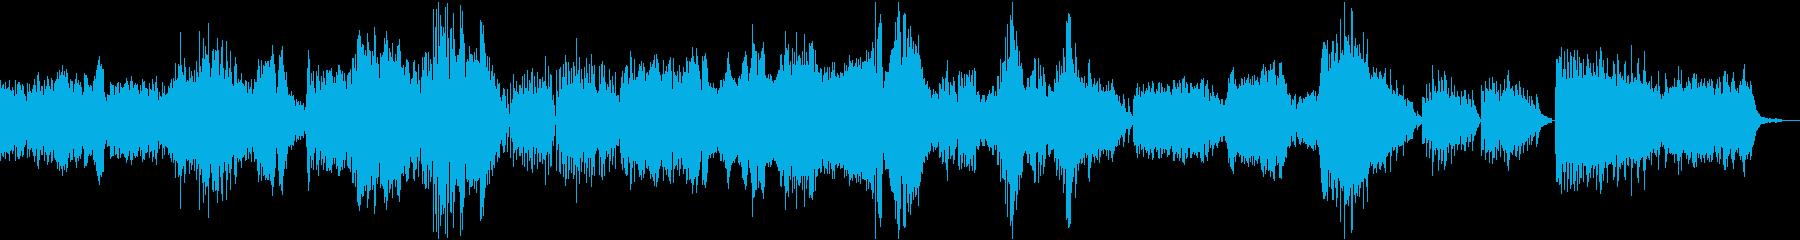 水の戯れ/ラヴェル【ピアノソロ】の再生済みの波形